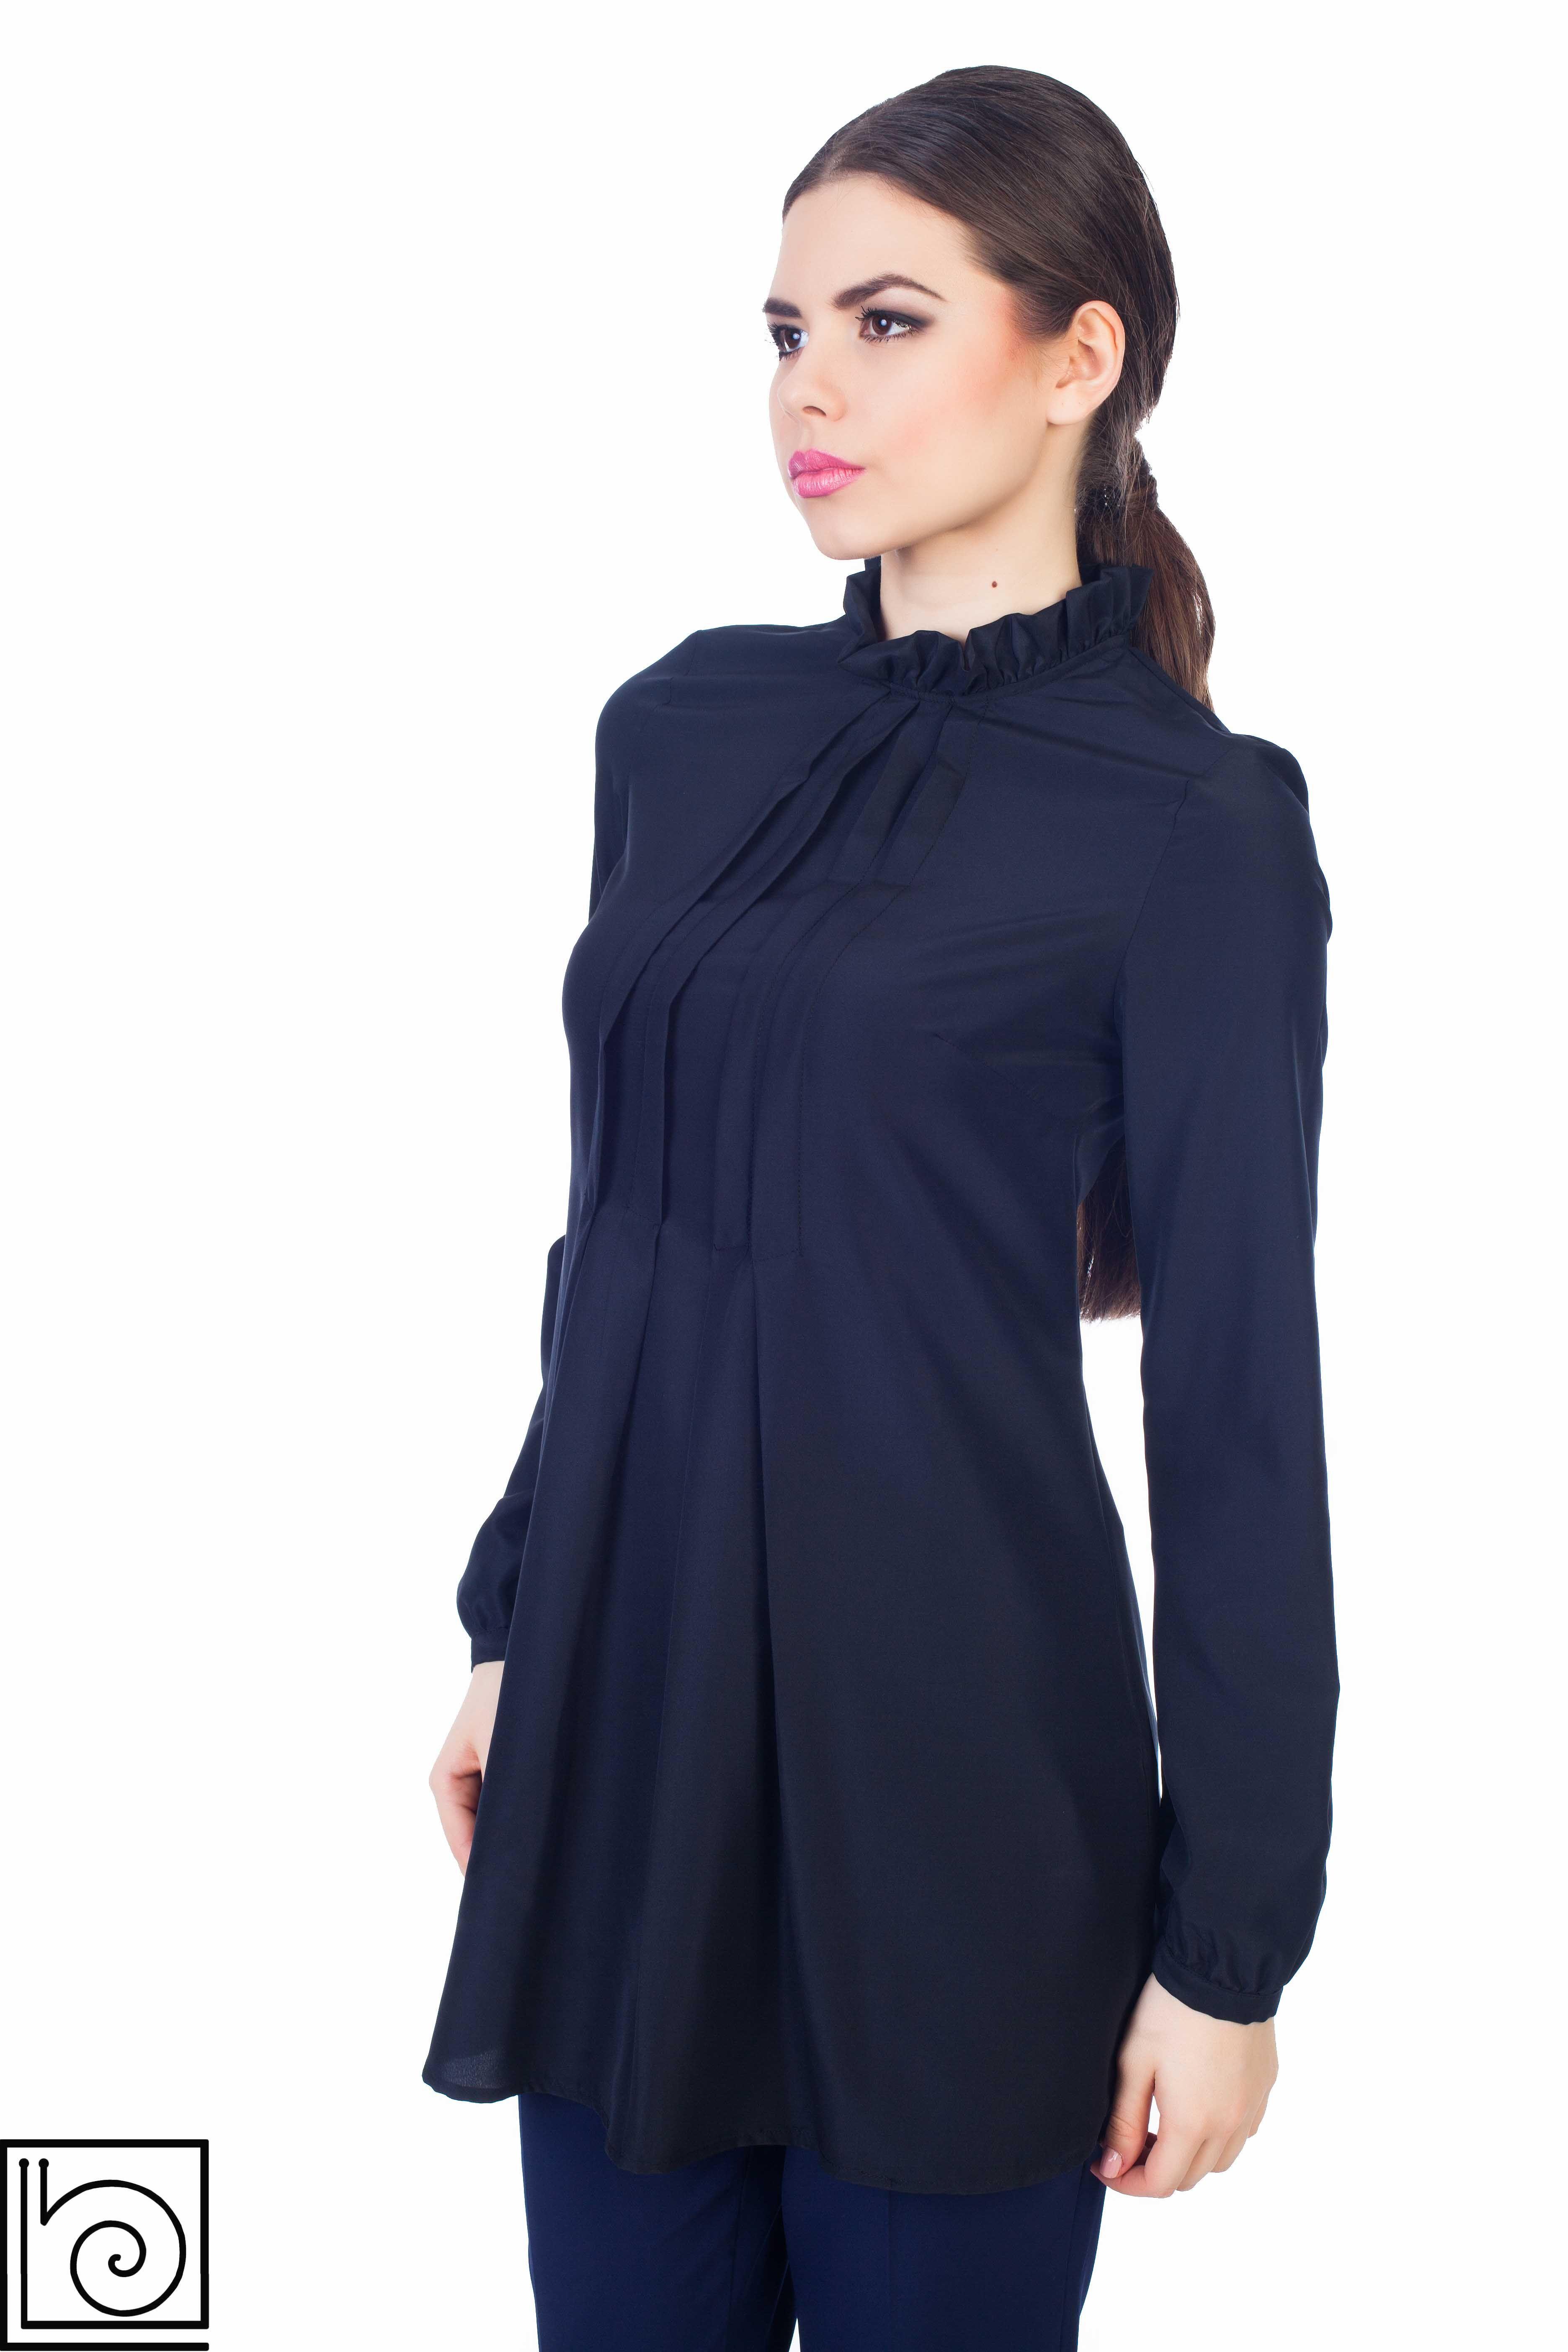 Блузка черная нарядная, удлиненная, на воротнике оборка, Складки спереди, рукав  длинный. ec63572ae1e